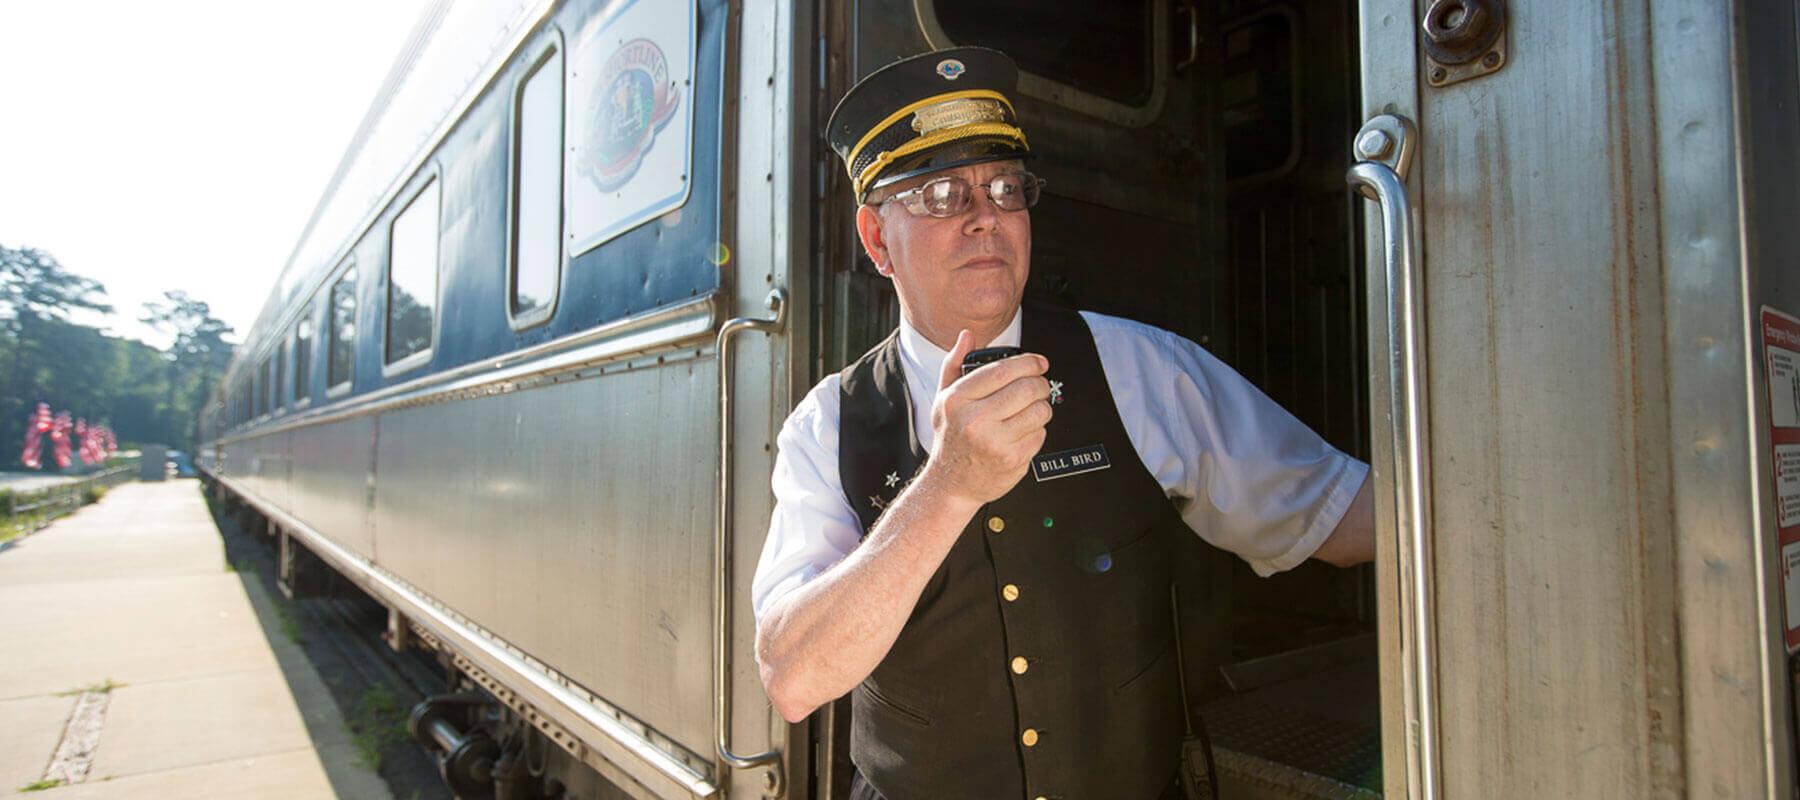 Lake-BlackshearLake-Blackshear-GA-Veterans-Park-SAM-Shortline-Train-Slider-4-GA-Veterans-Park-SAM-Shortline-Train-Slider-4-georgia-train-rides